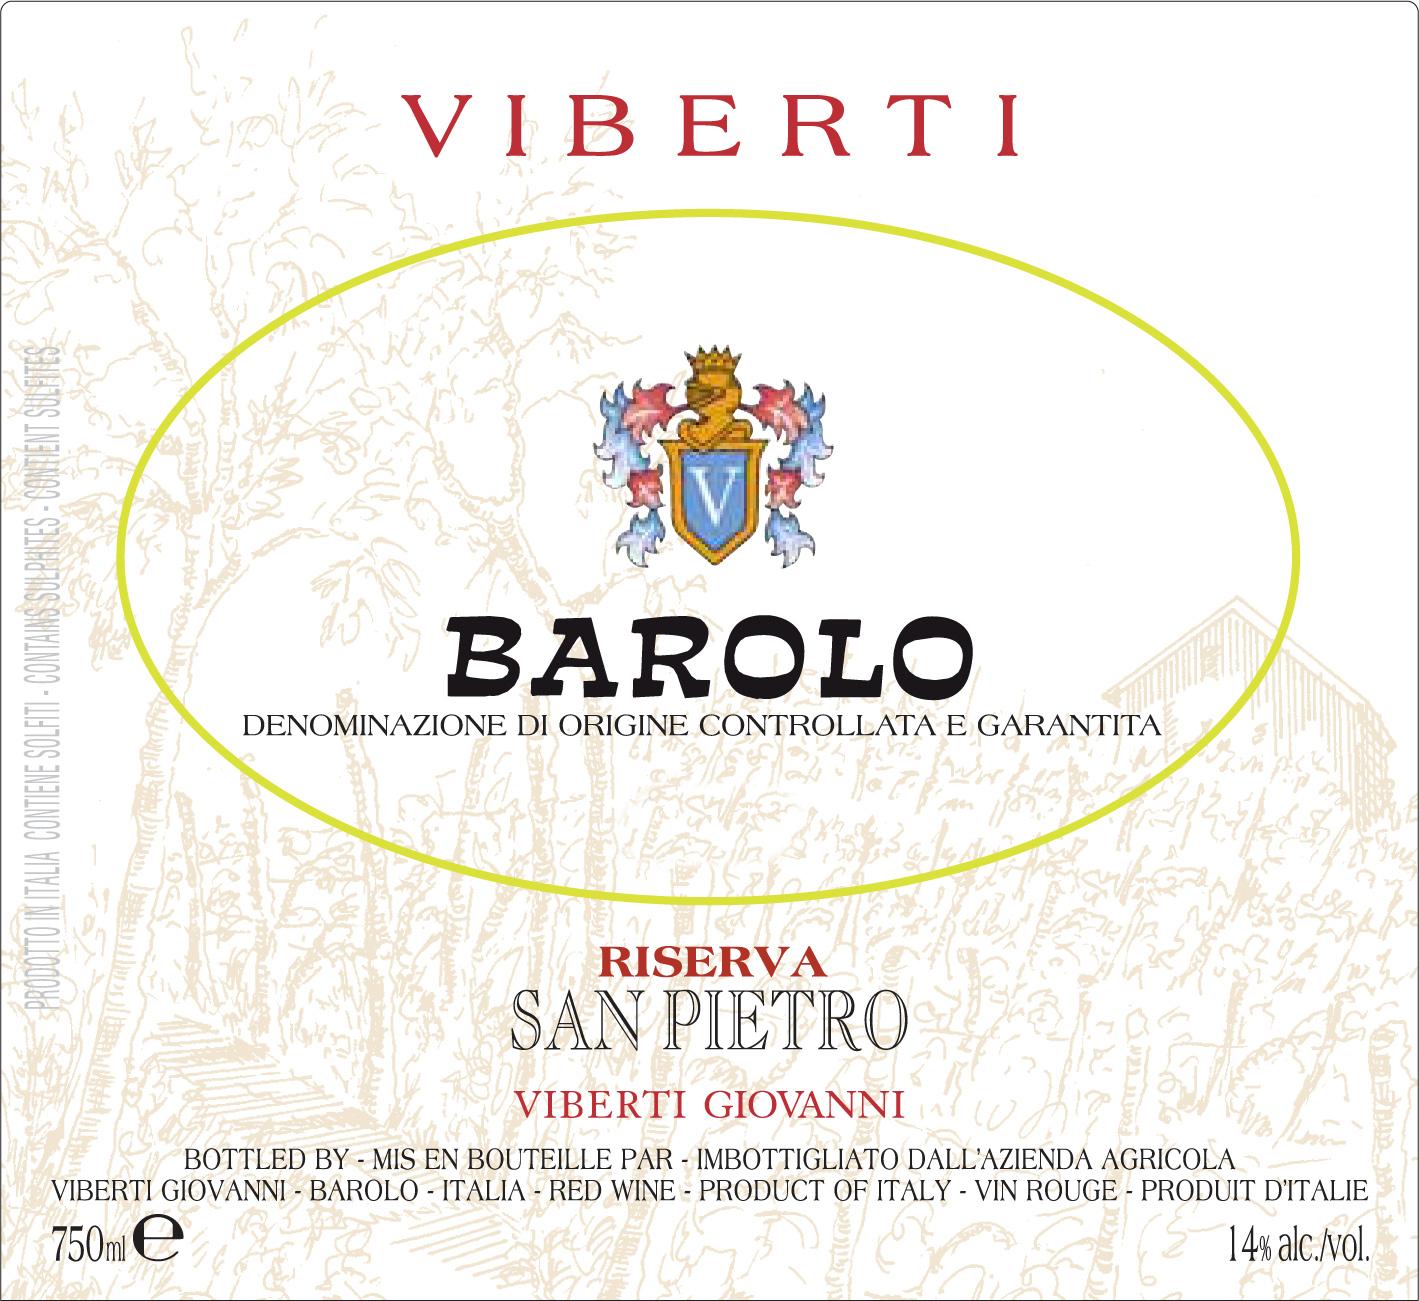 维博帝圣彼得珍藏干红Viberti Giovanni San Pietro riserva